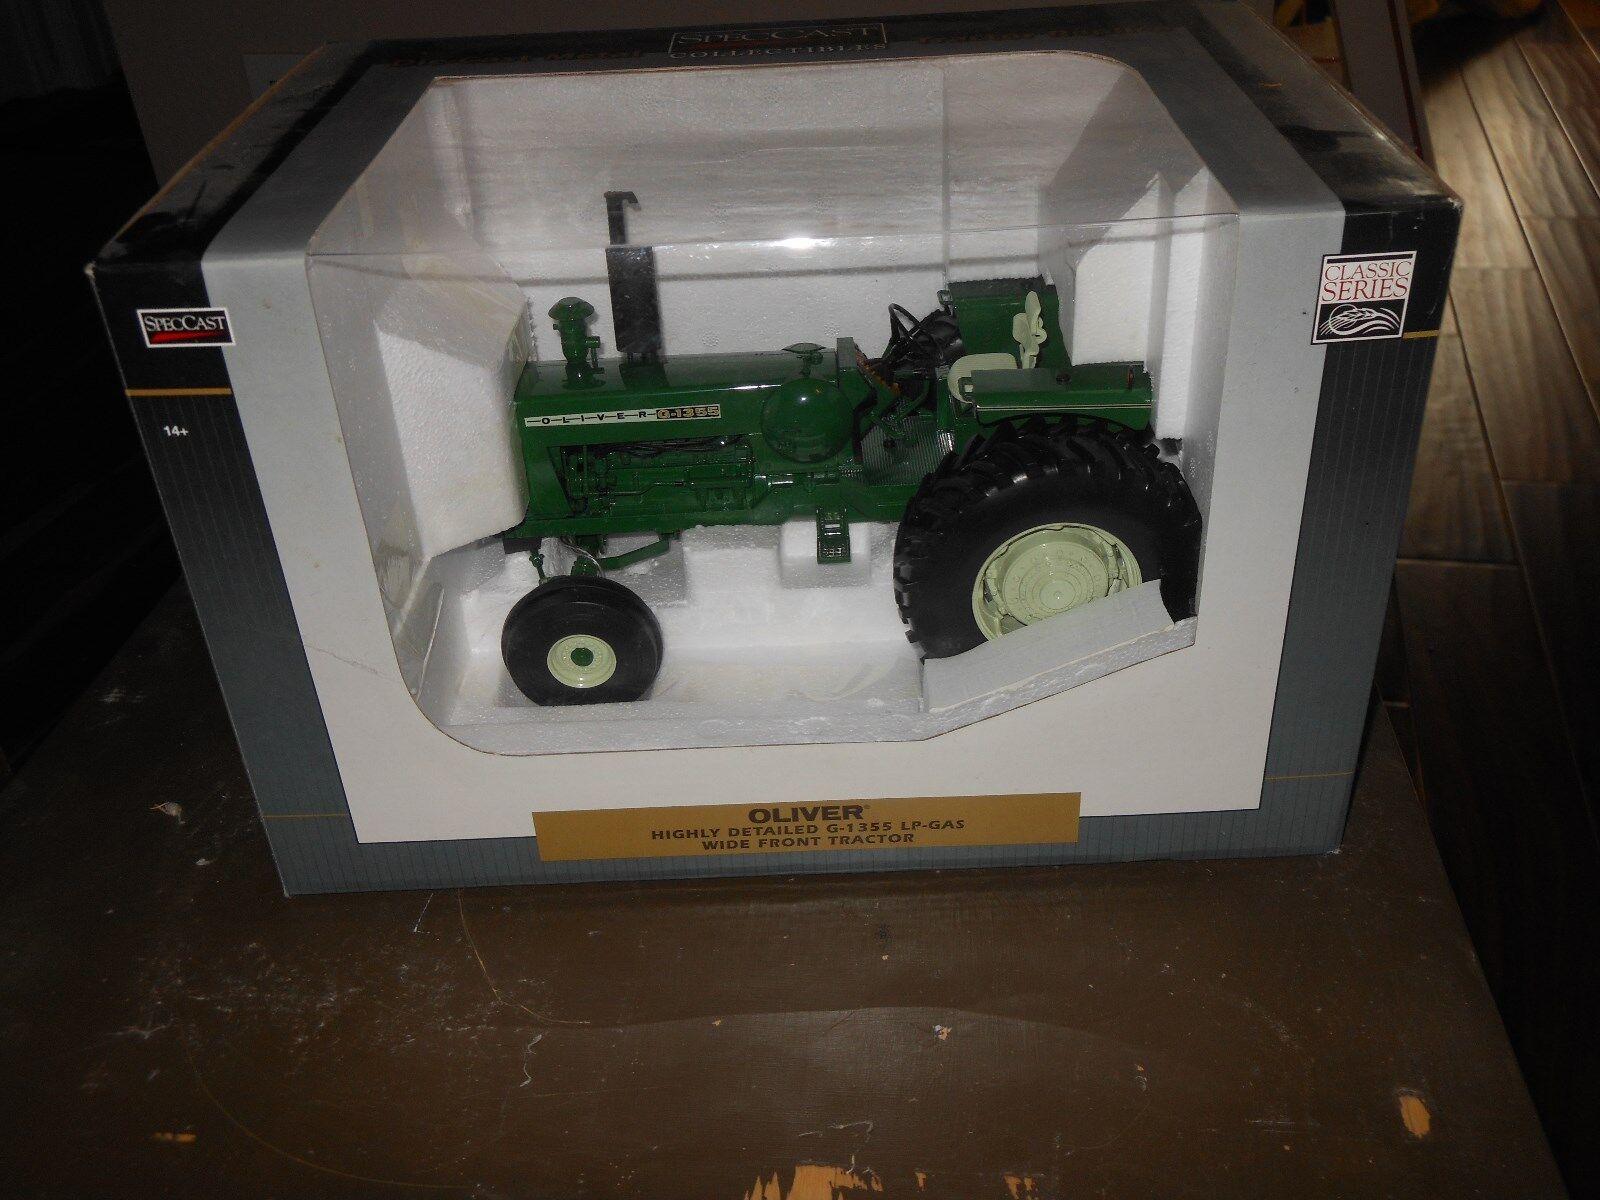 Oliver G1355 LP jouet tracteur (Blanc, Moline) très détaillé